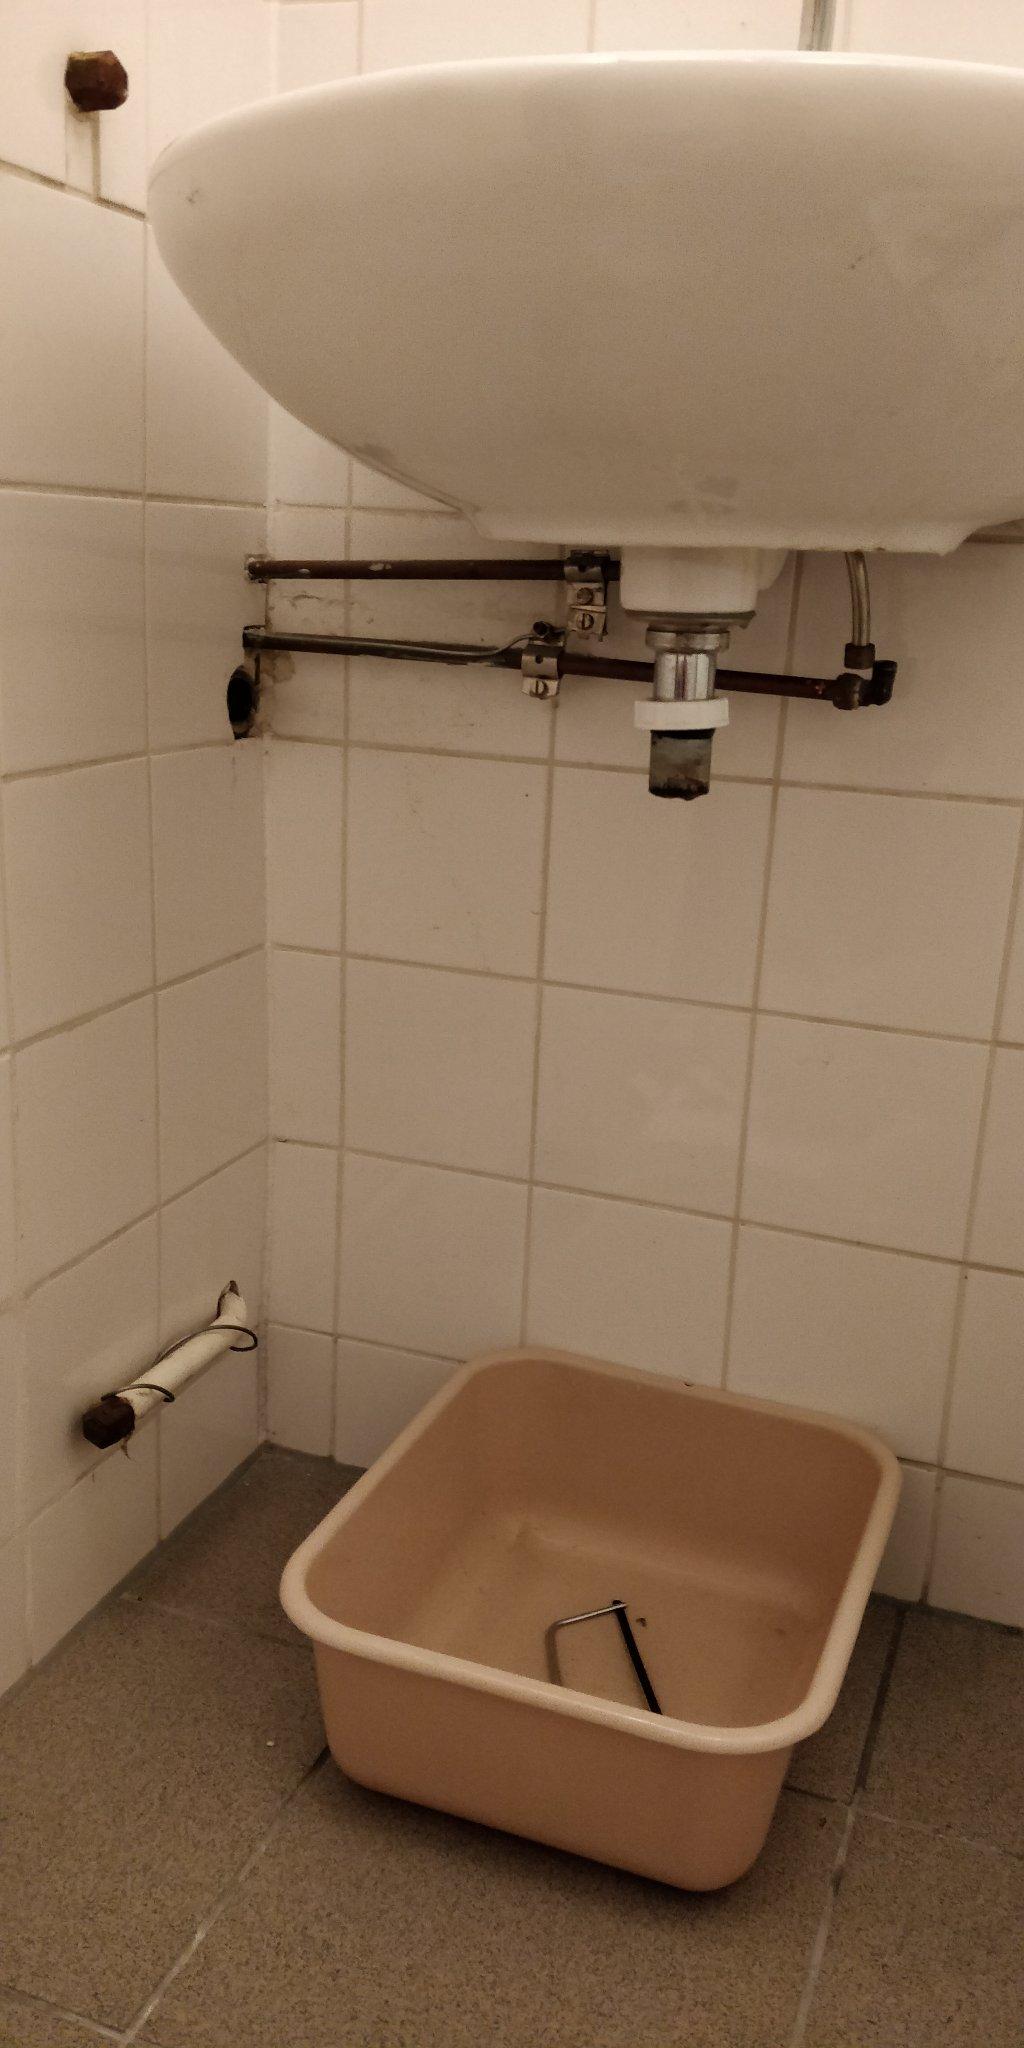 Hoekmeubel Voor Badkamer.Ikea Badkamer Wastafel 26 Vers Kast Voor In De Badkamer Velo Master